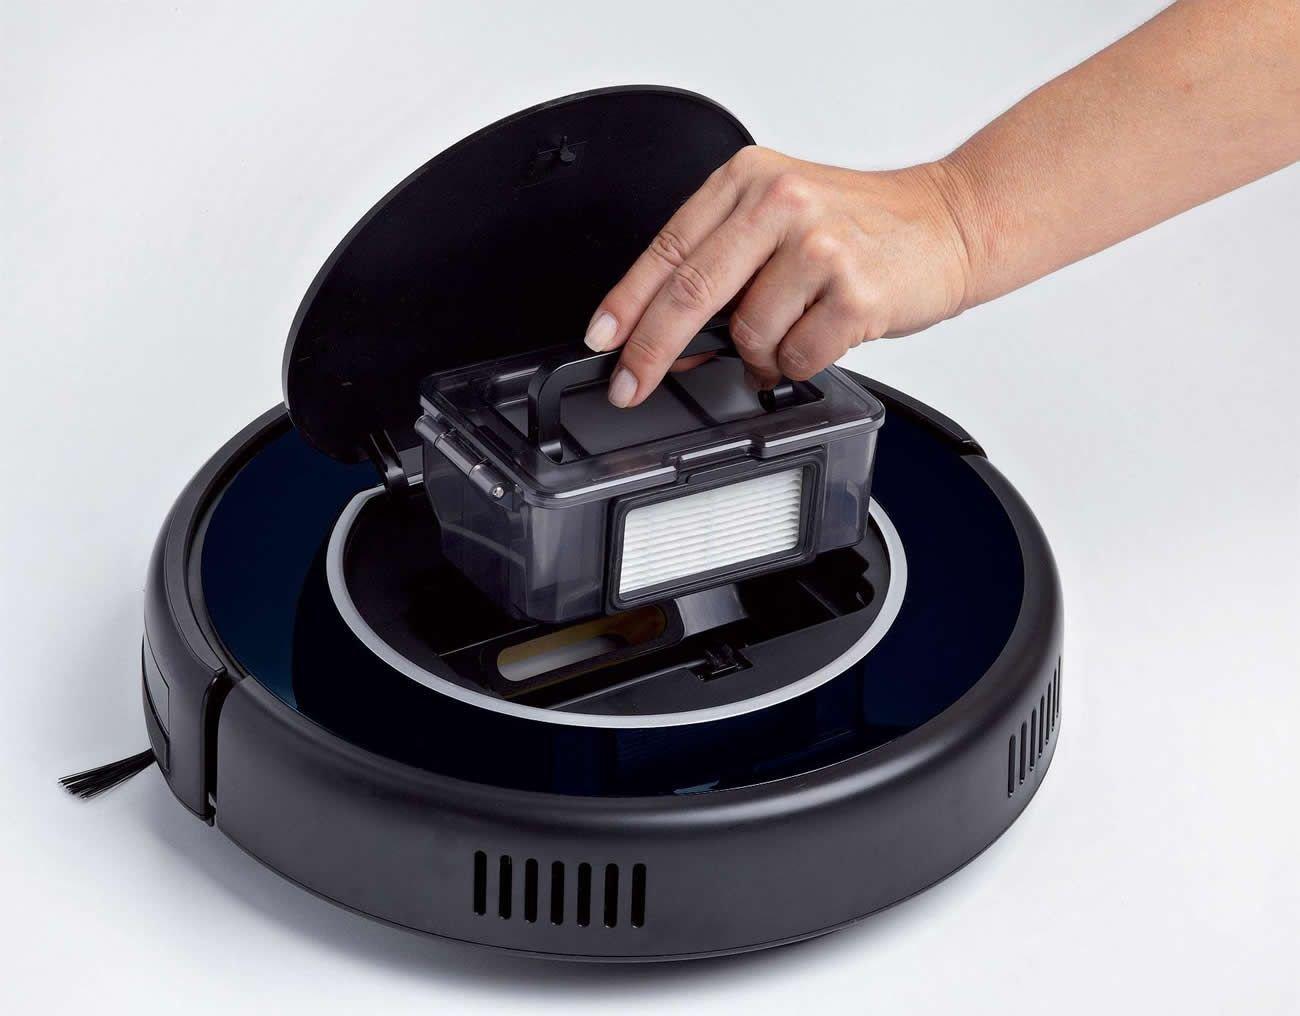 Ariete 2.0 Pro 2712 - Robot de limpieza briciola digital, 25 vatios sensor, con enchufe de UK, color negro: Amazon.es: Hogar